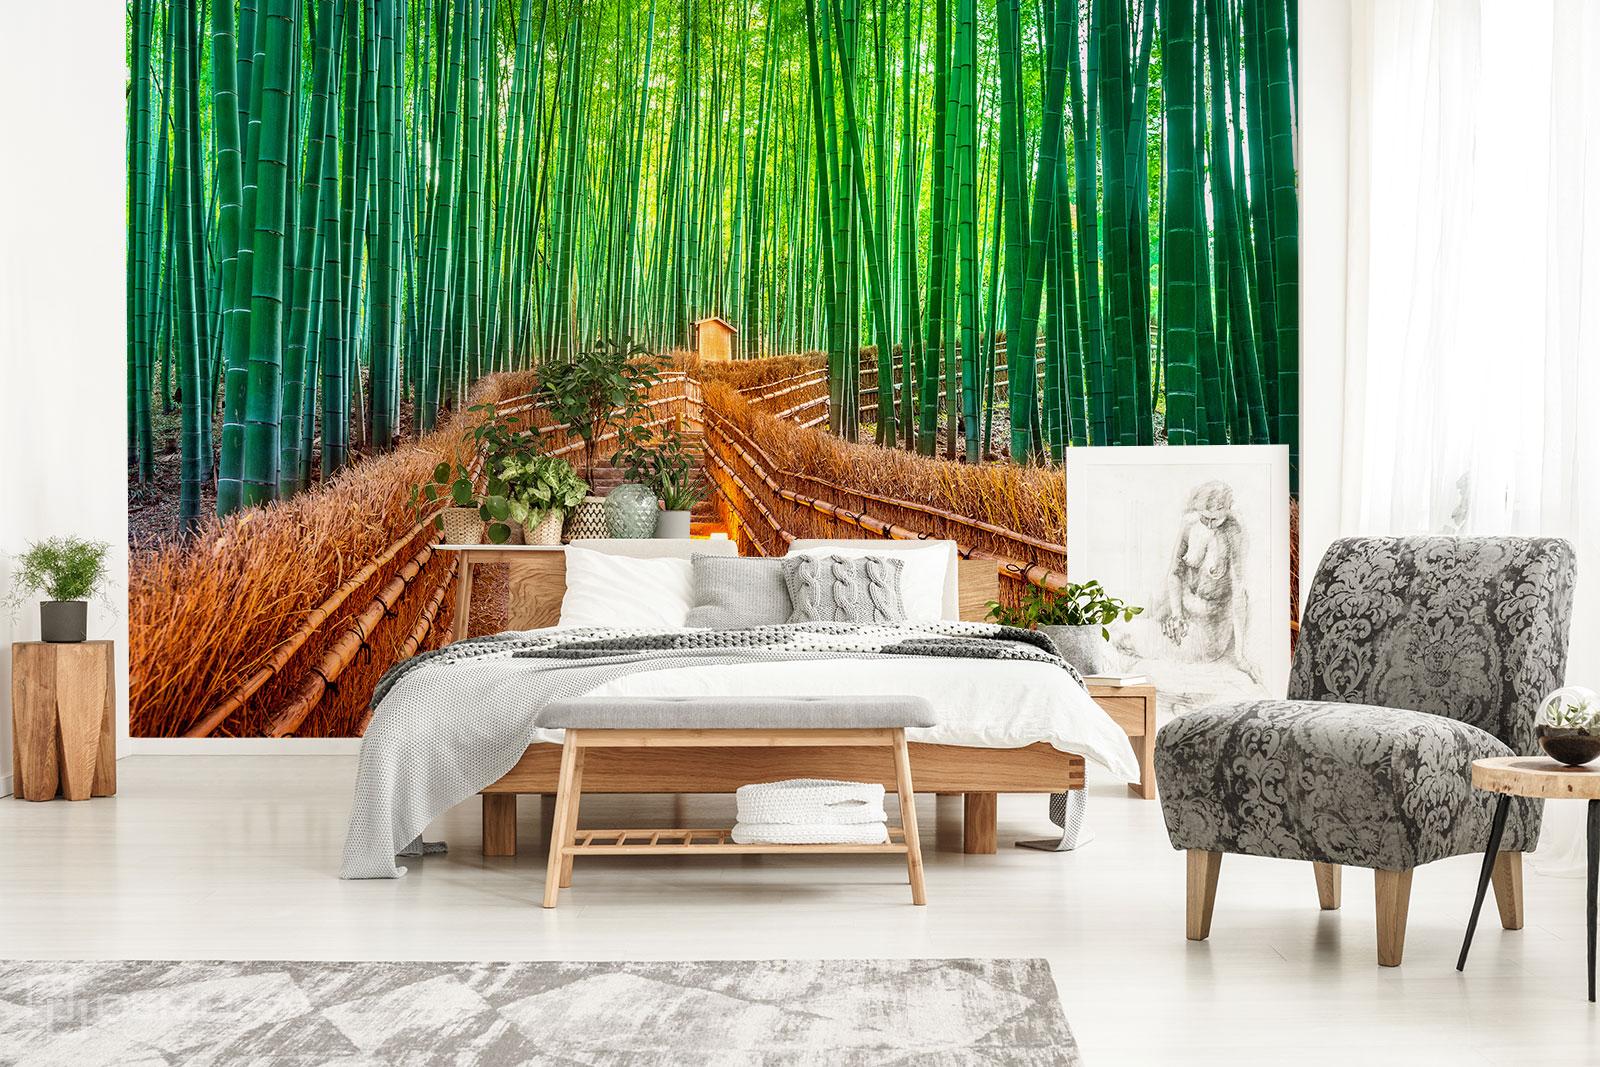 Fototapete Treppe in einem Bambuswald - Fototapete bambus